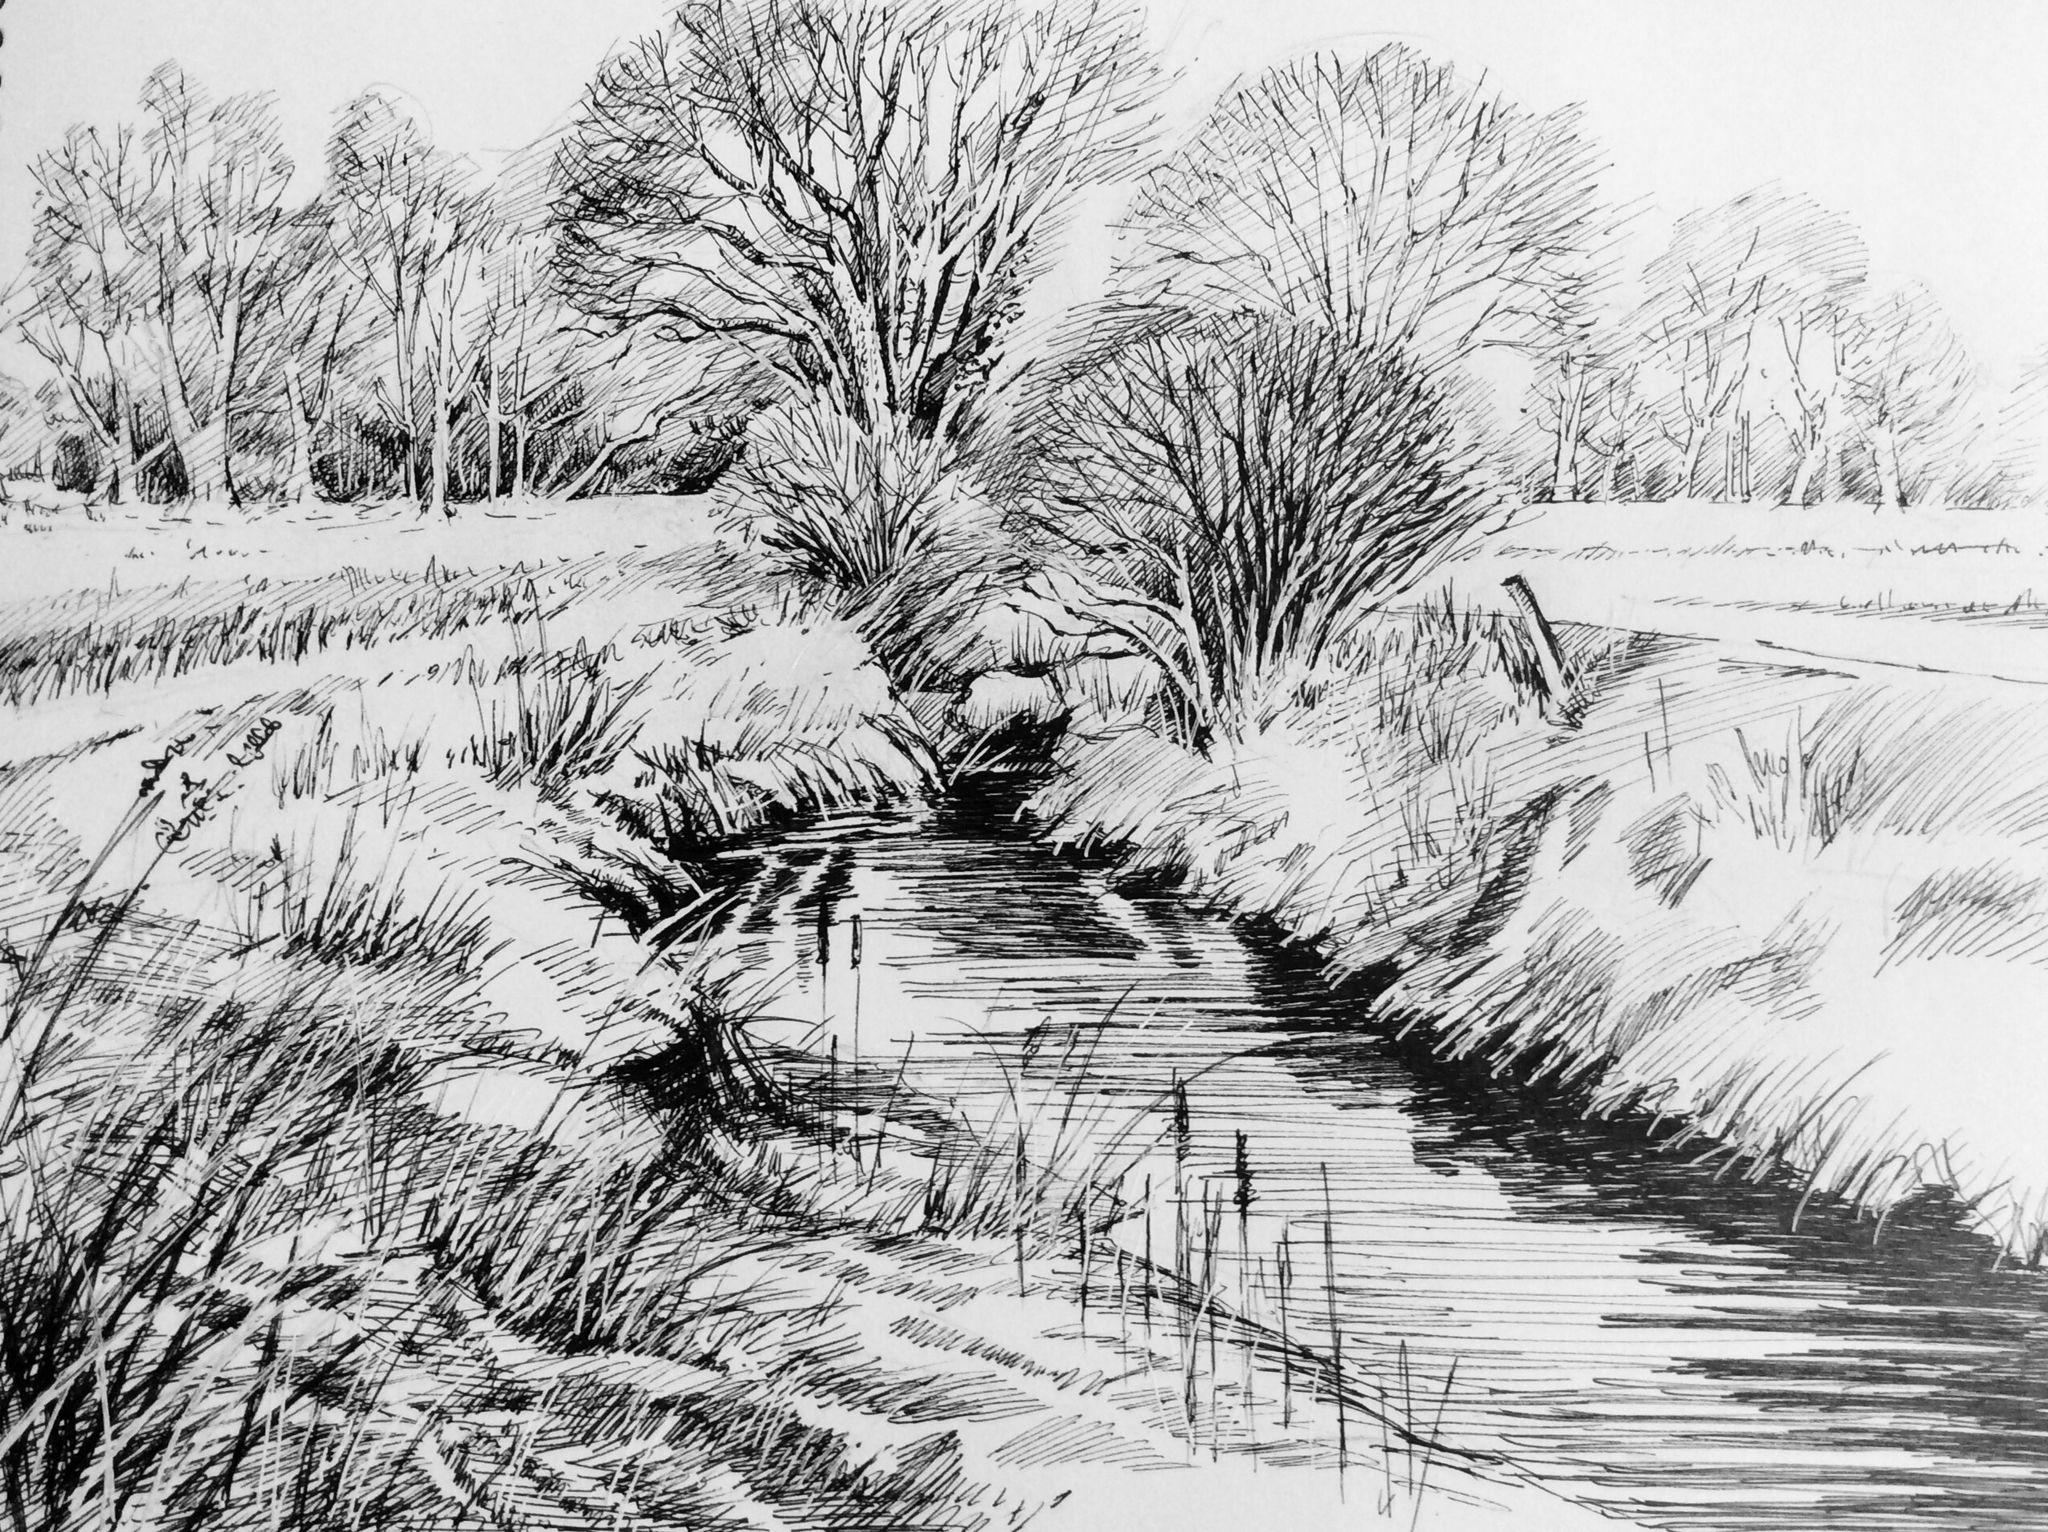 Trees in the Landscape 2. 2015. Pen & Ink. Glyn Overton ...